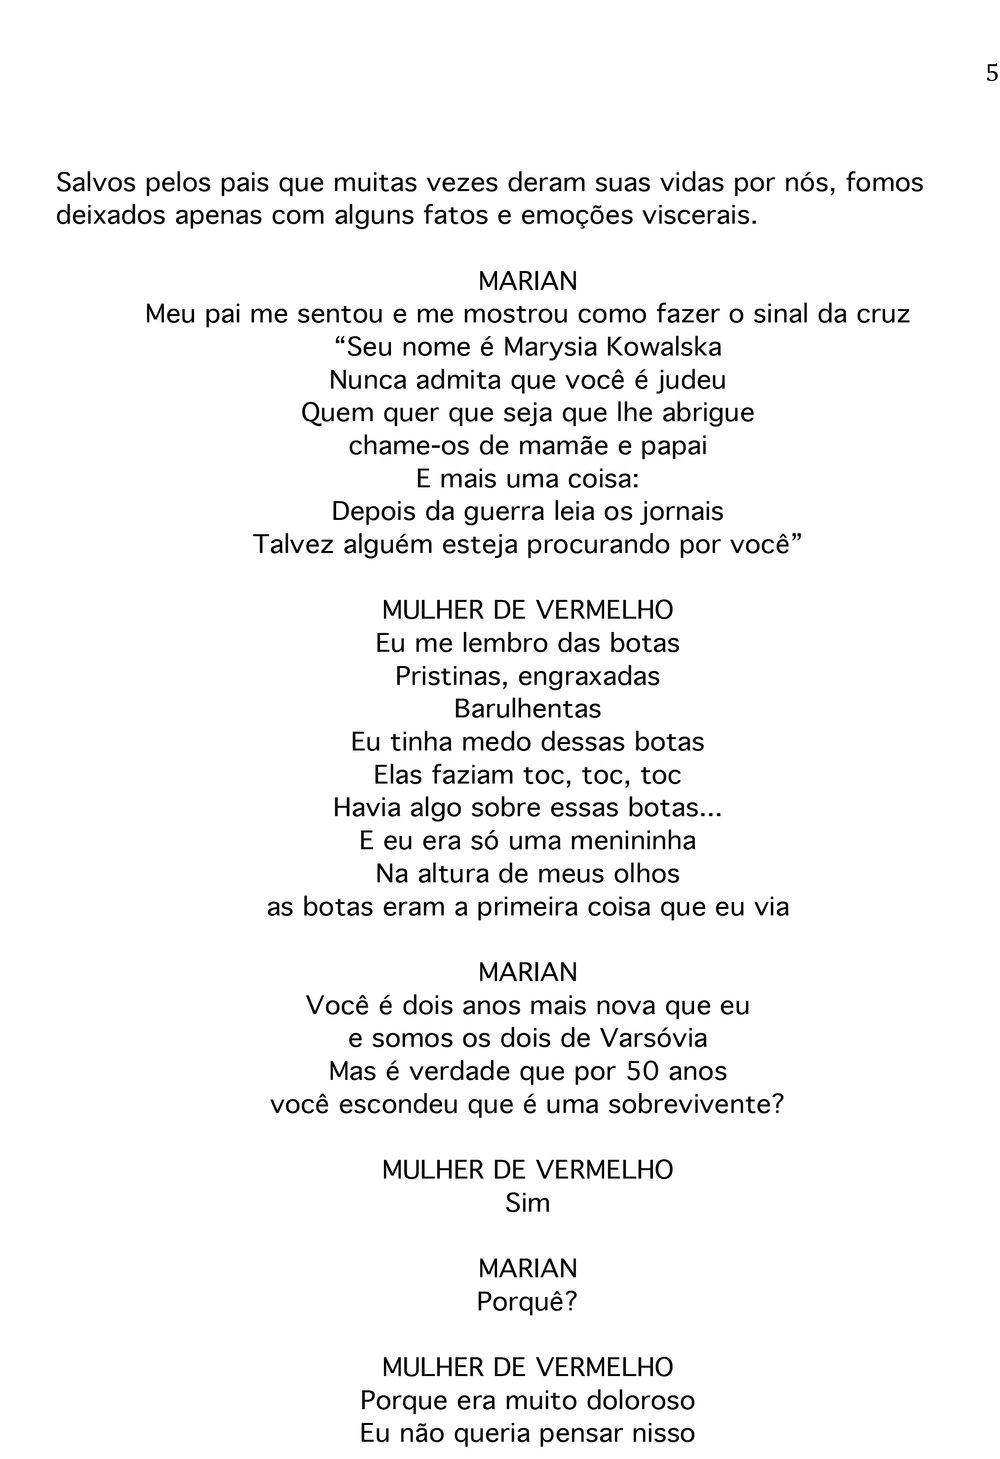 PORTUGUESE-SCRIPT-5.jpg